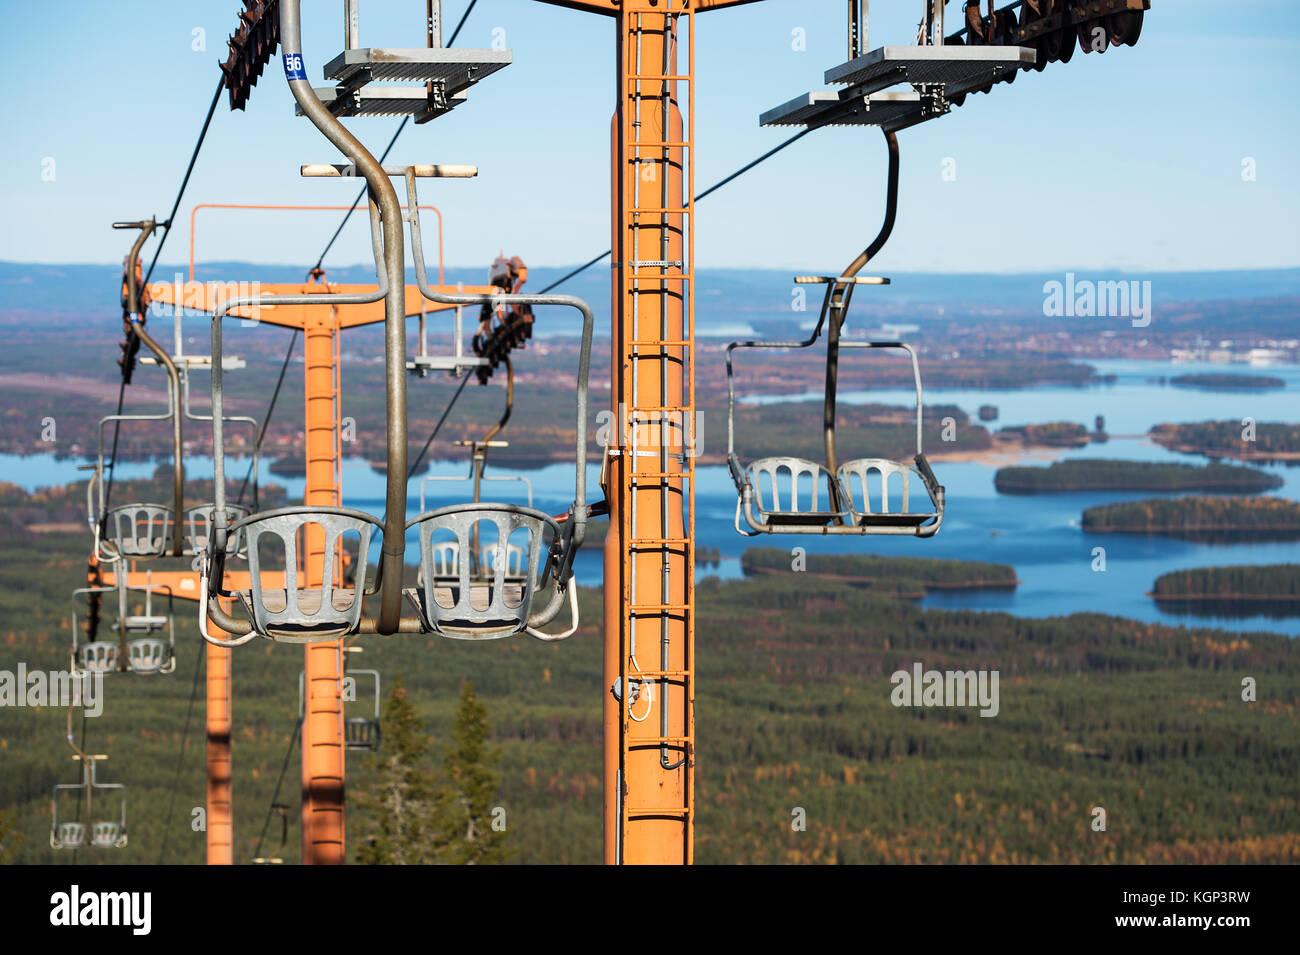 Old Ski lift in Dalarna - Stock Image